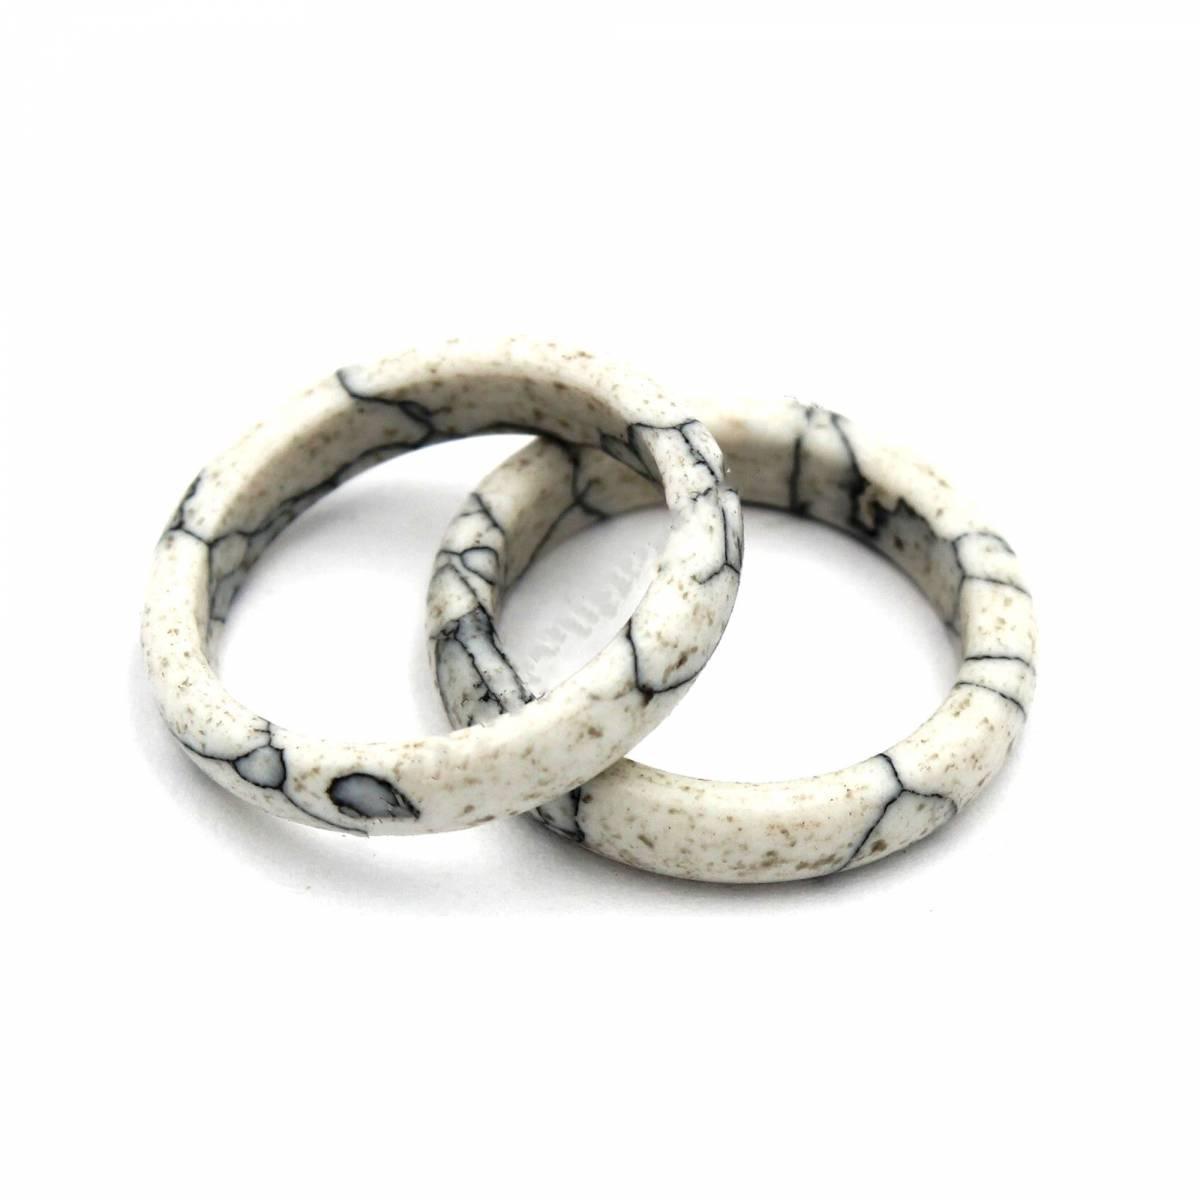 Купить кольцо из натурального камня кахолонг, цена Киев Украина. Кольцо из натуральных камней кахолонга в интернет магазине украшений Darsana